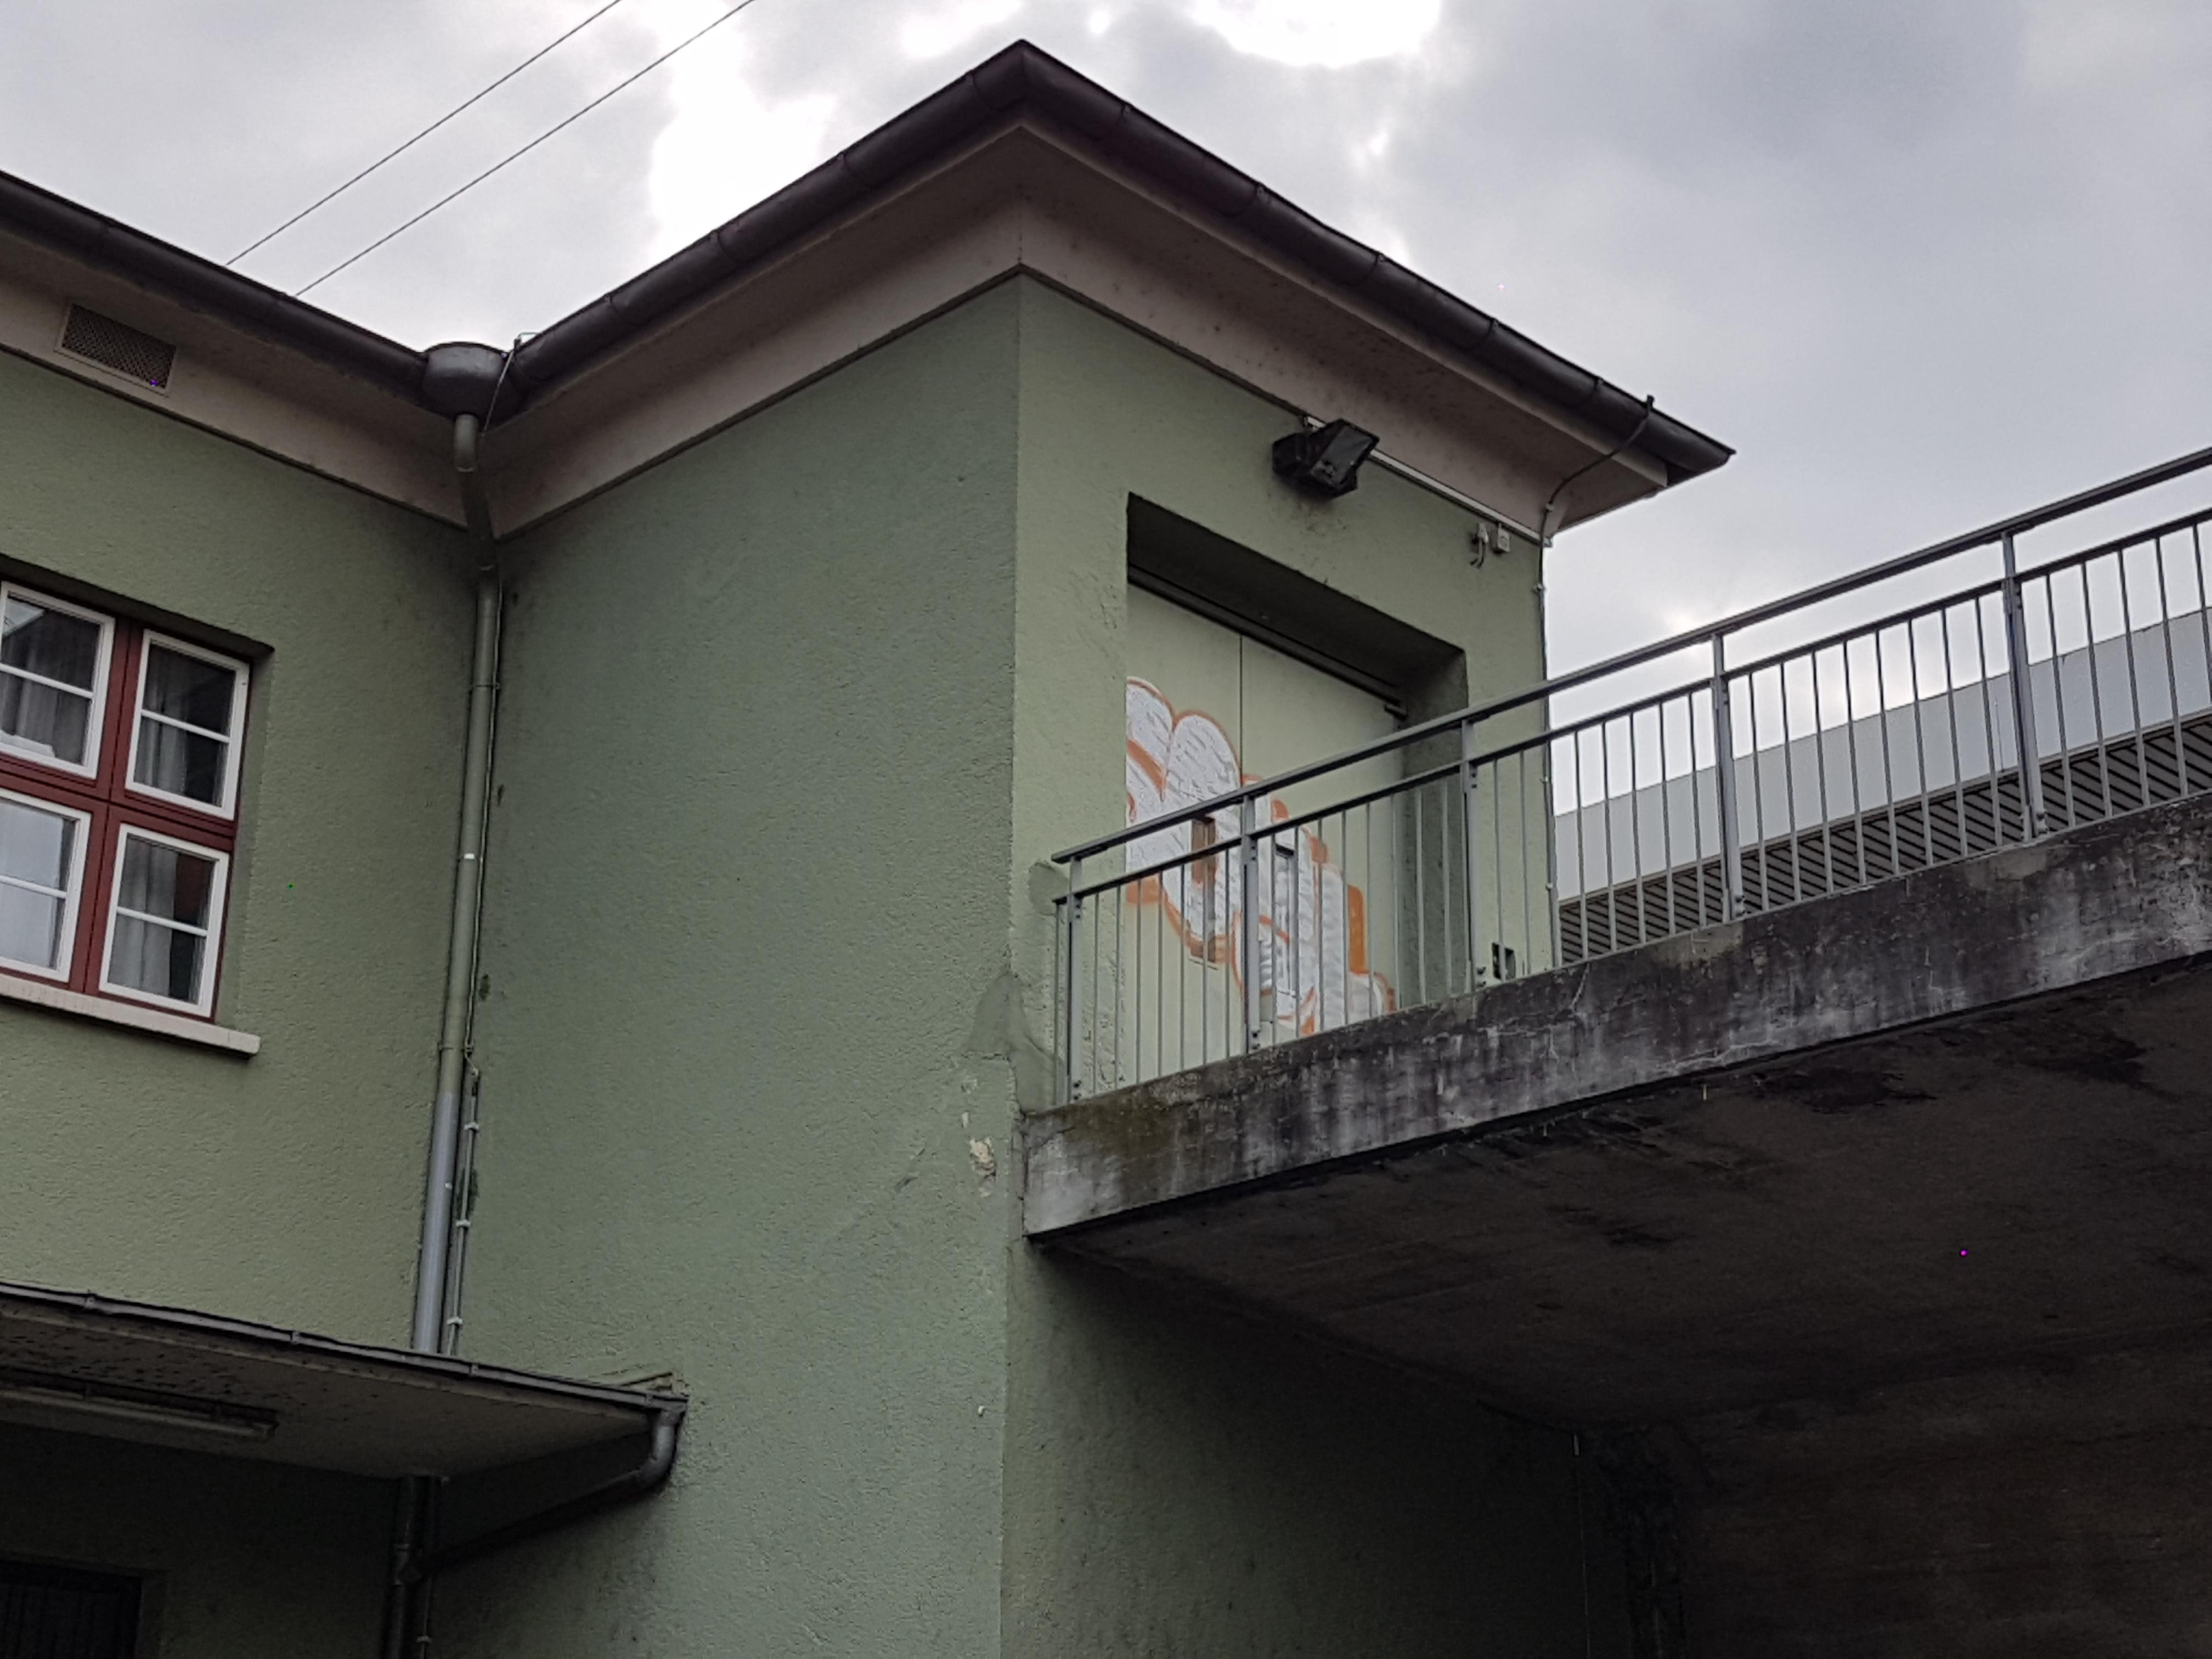 Bild 3 - separter, neu zu gestaltender Eingang